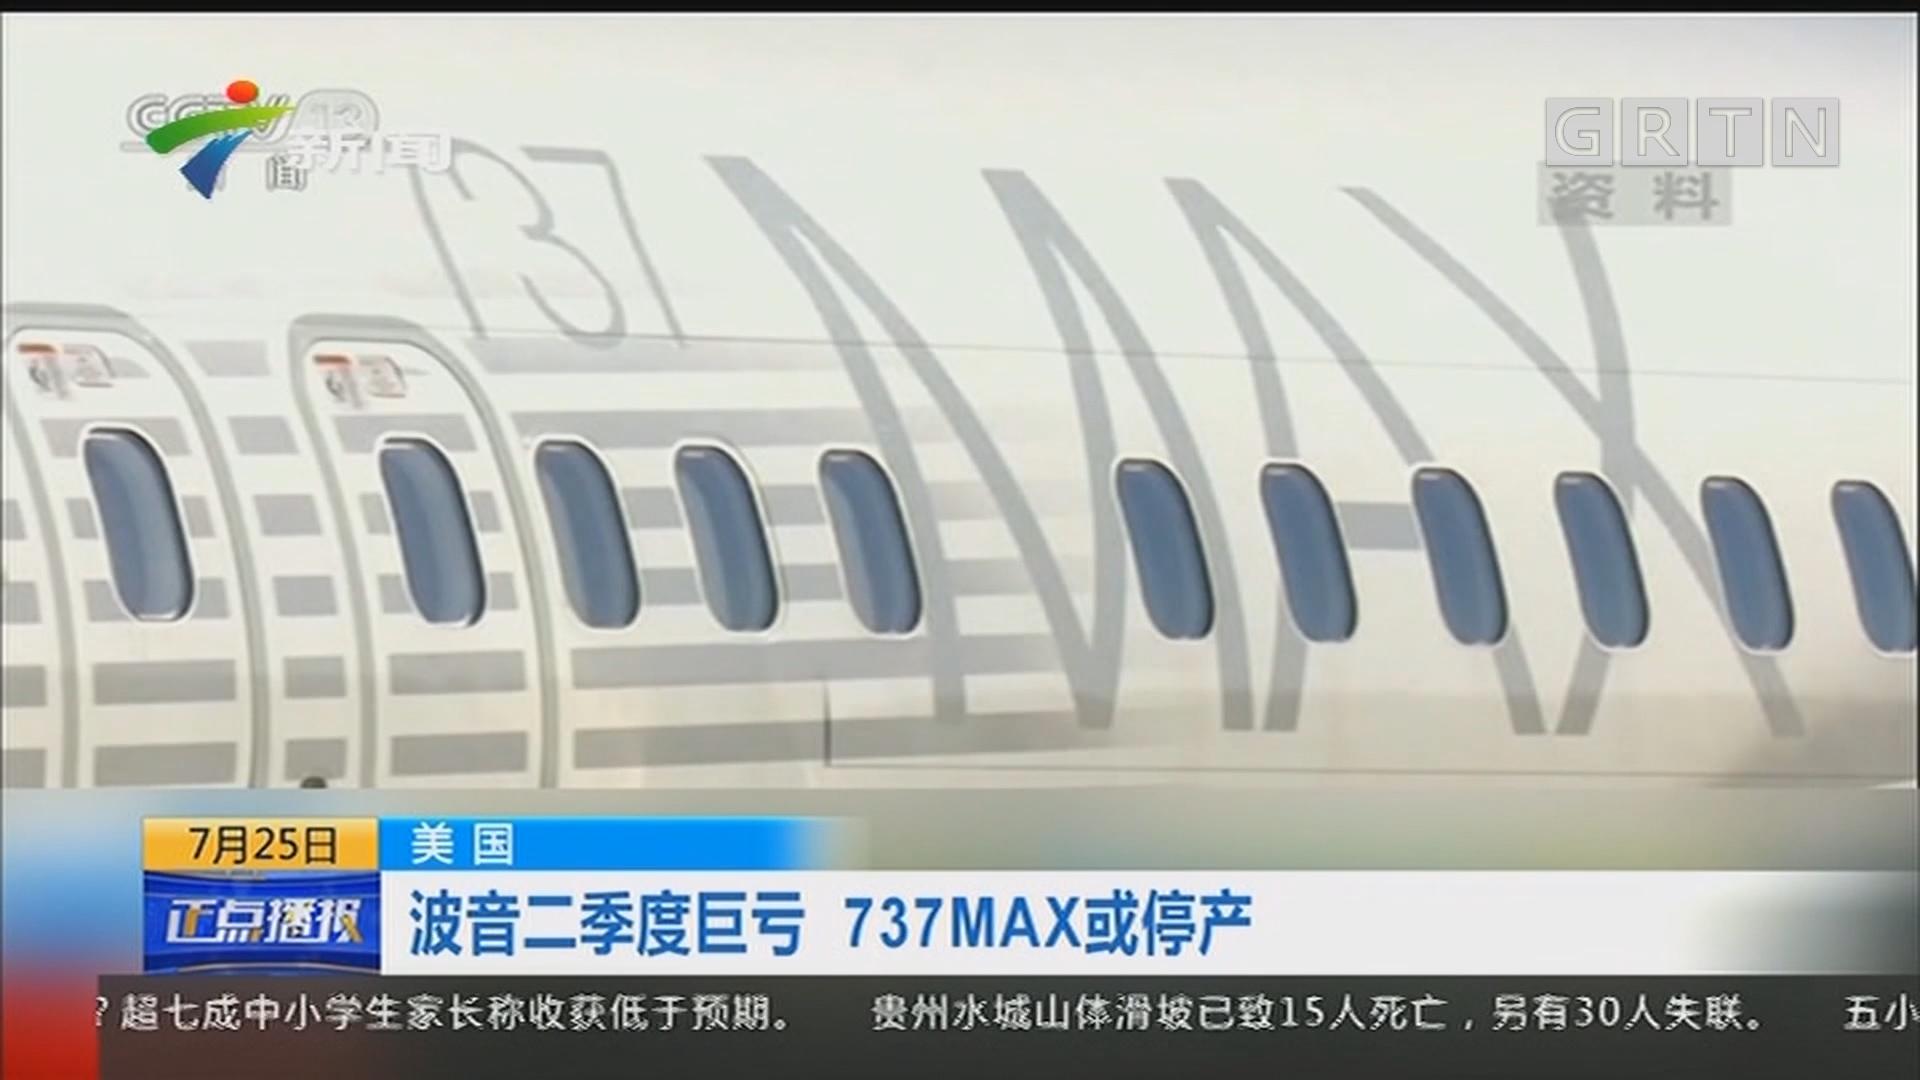 美国:波音二季度巨亏 737MAX或停产